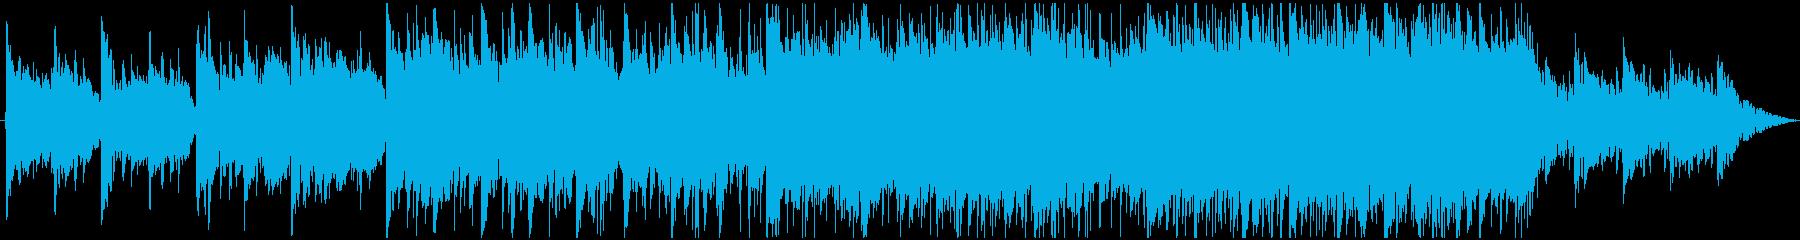 インディーズ ロック コーポレート...の再生済みの波形